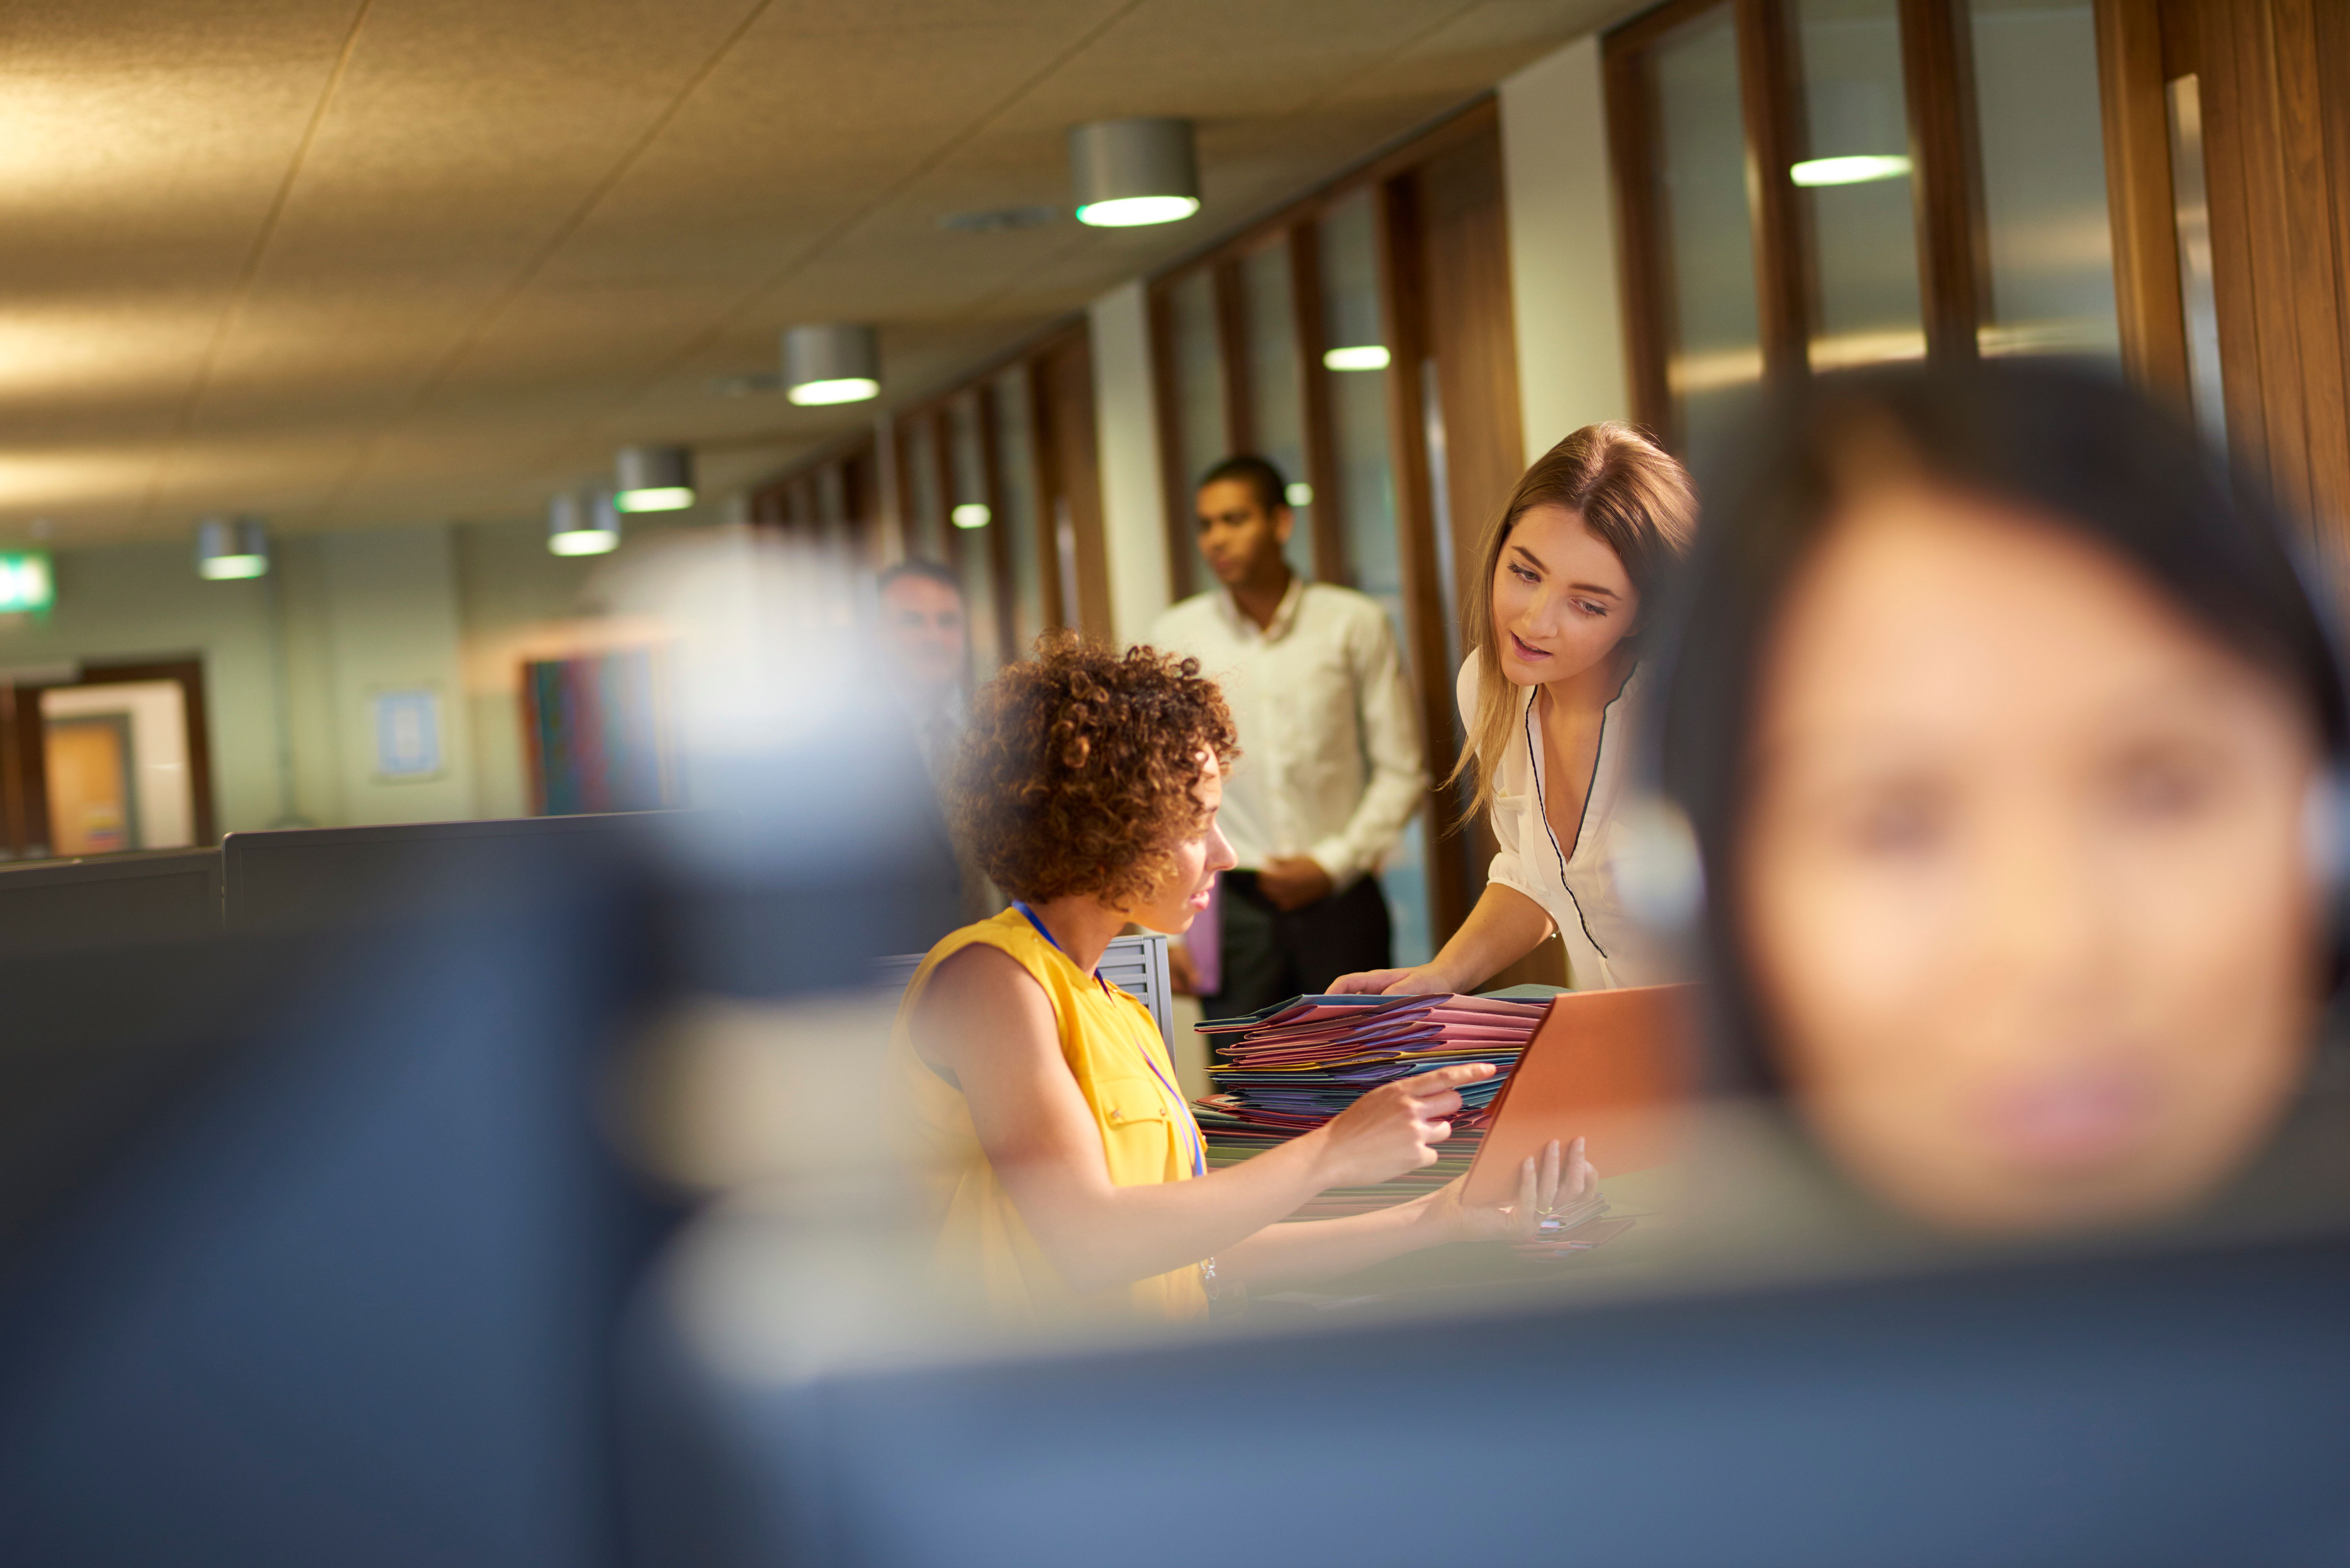 Firmenbosse lernen von Schülern – das Konzept könnte unsere Arbeitswelt